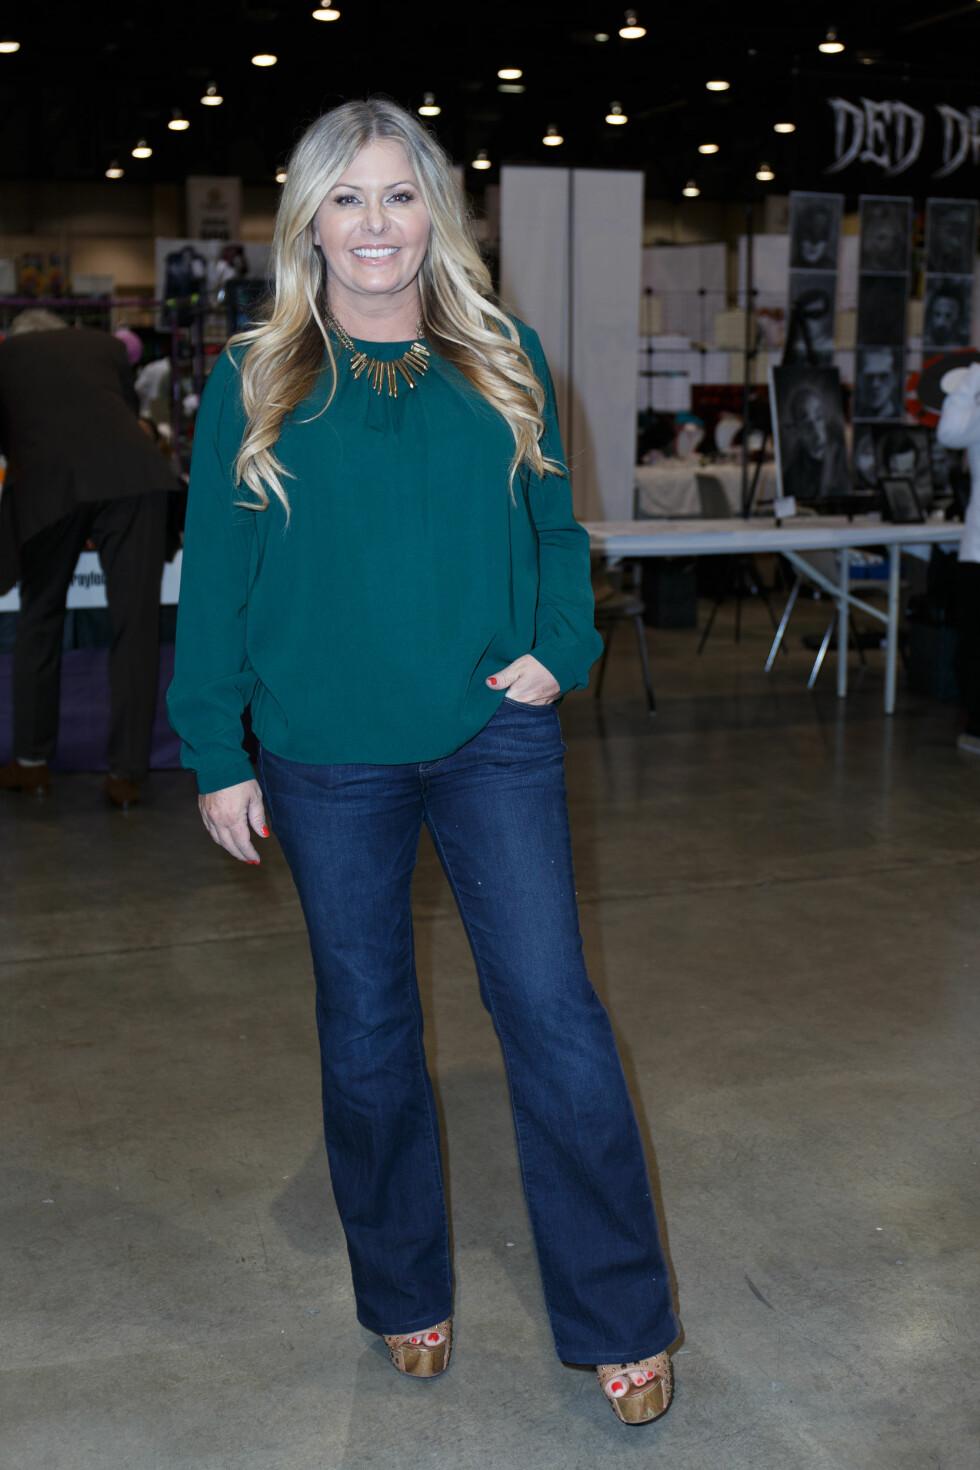 NICOLE EGGERT I 2015:  Etter Baywatch (og en brystforstørrelse) fikk Nicole mindre roller på tv, men fikk etter hvert en del personlige problemer, særlig i forhold til vekten. De siste årene har hun deltatt i en del mindre realityshow, blant annet Celebrity Fit Camp på VH1.  Foto: Splash News